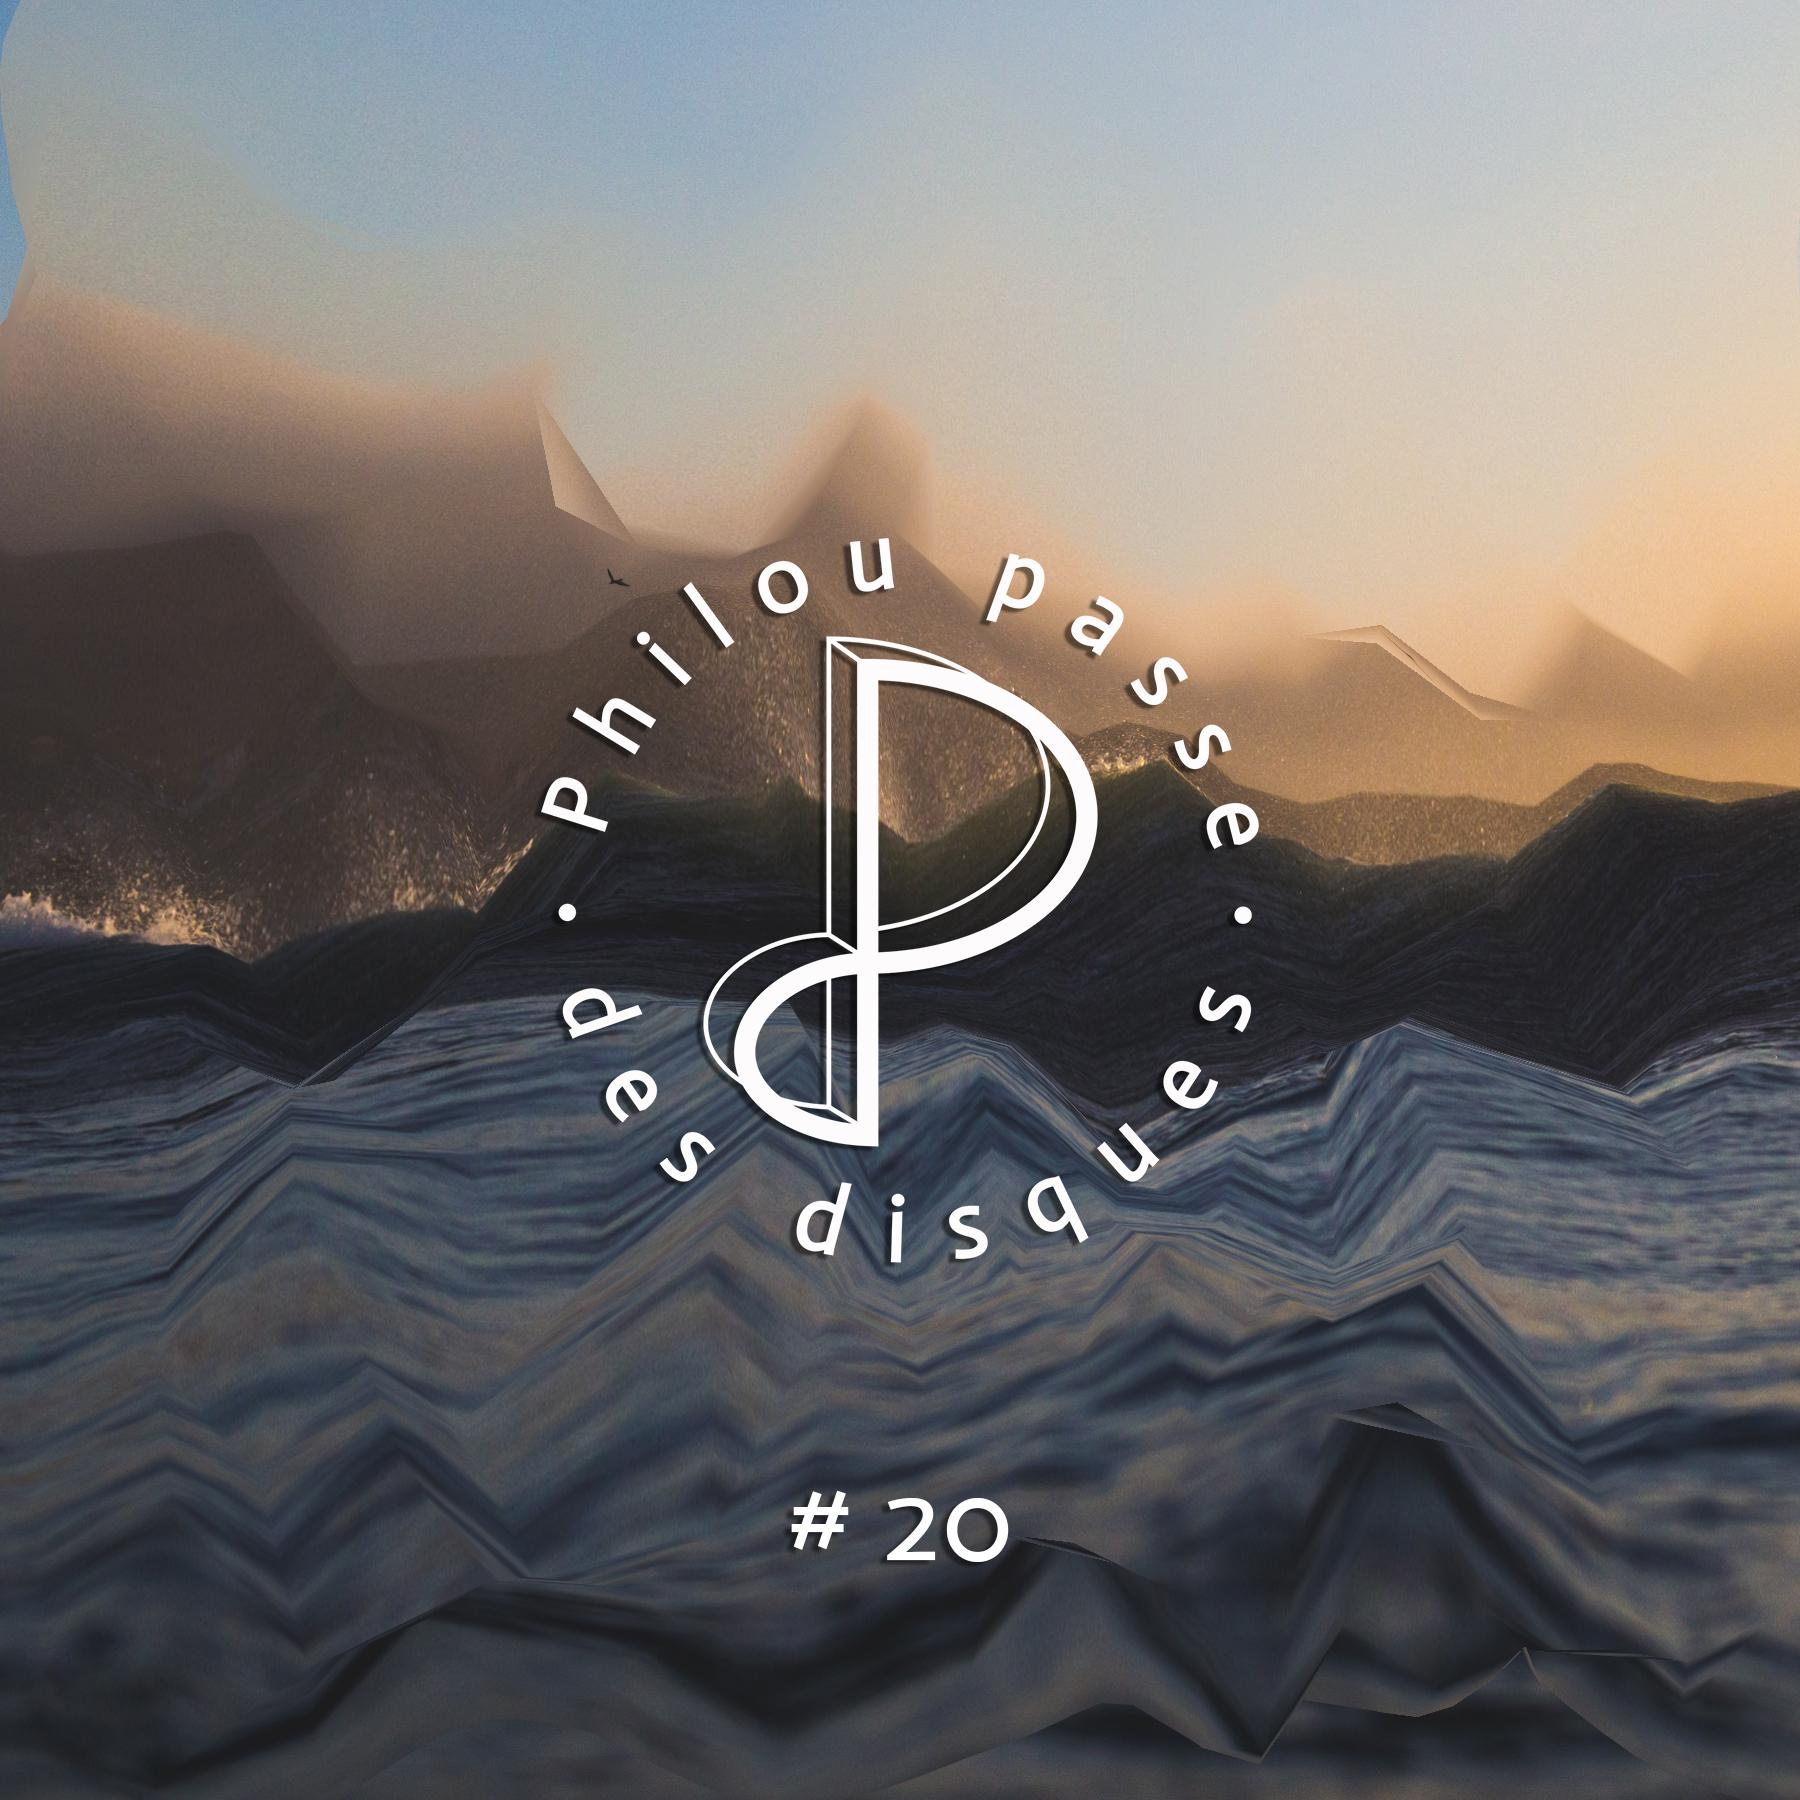 cover-philou-passe-des-disques-20